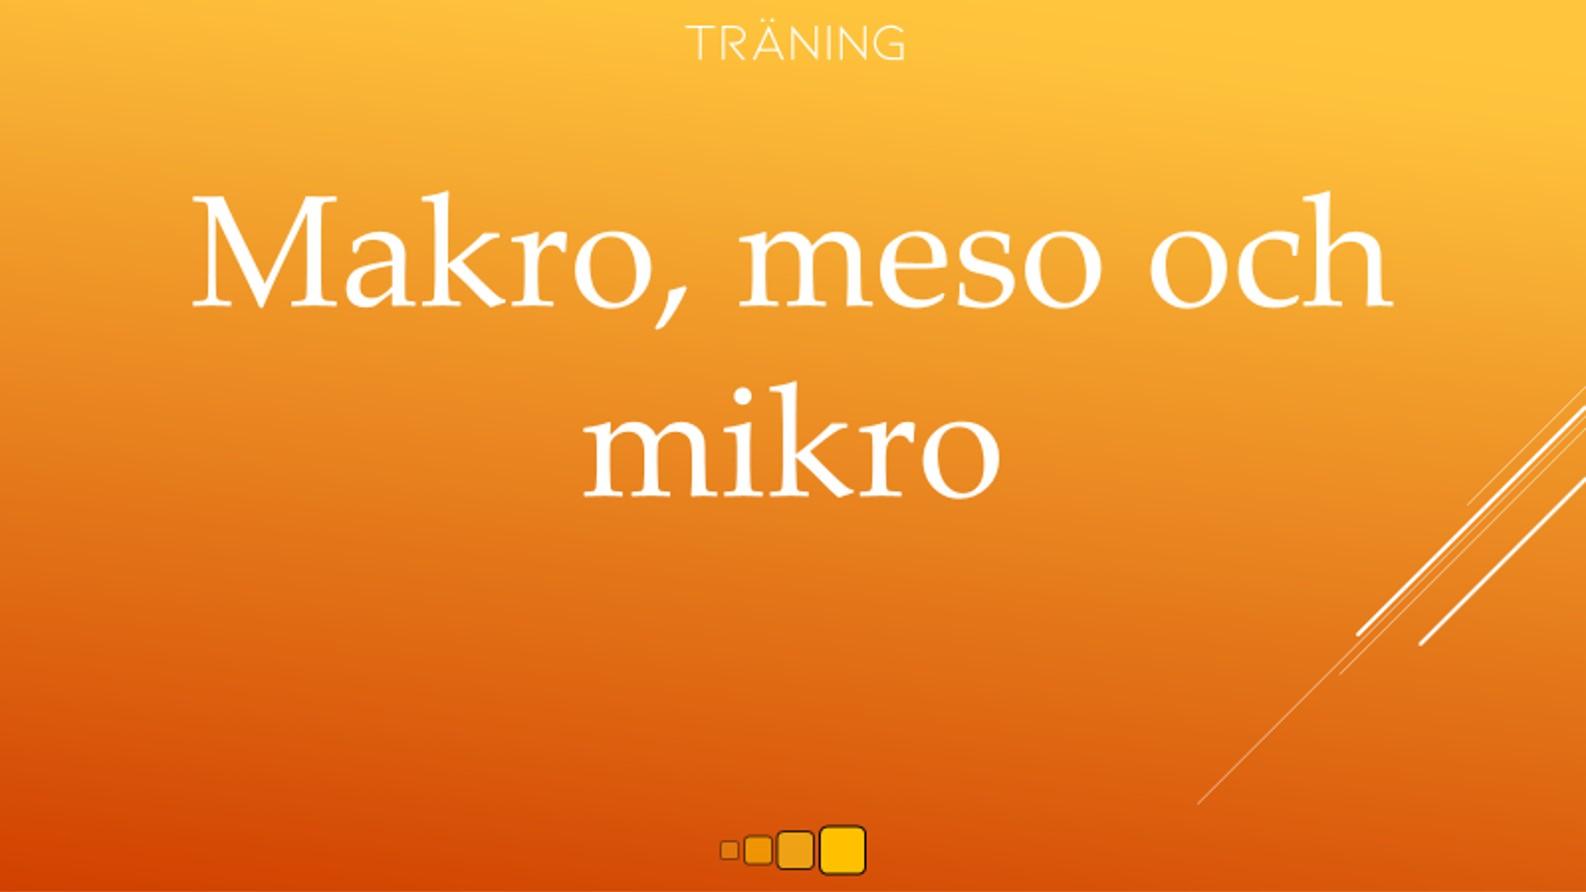 makro, meso och mikro